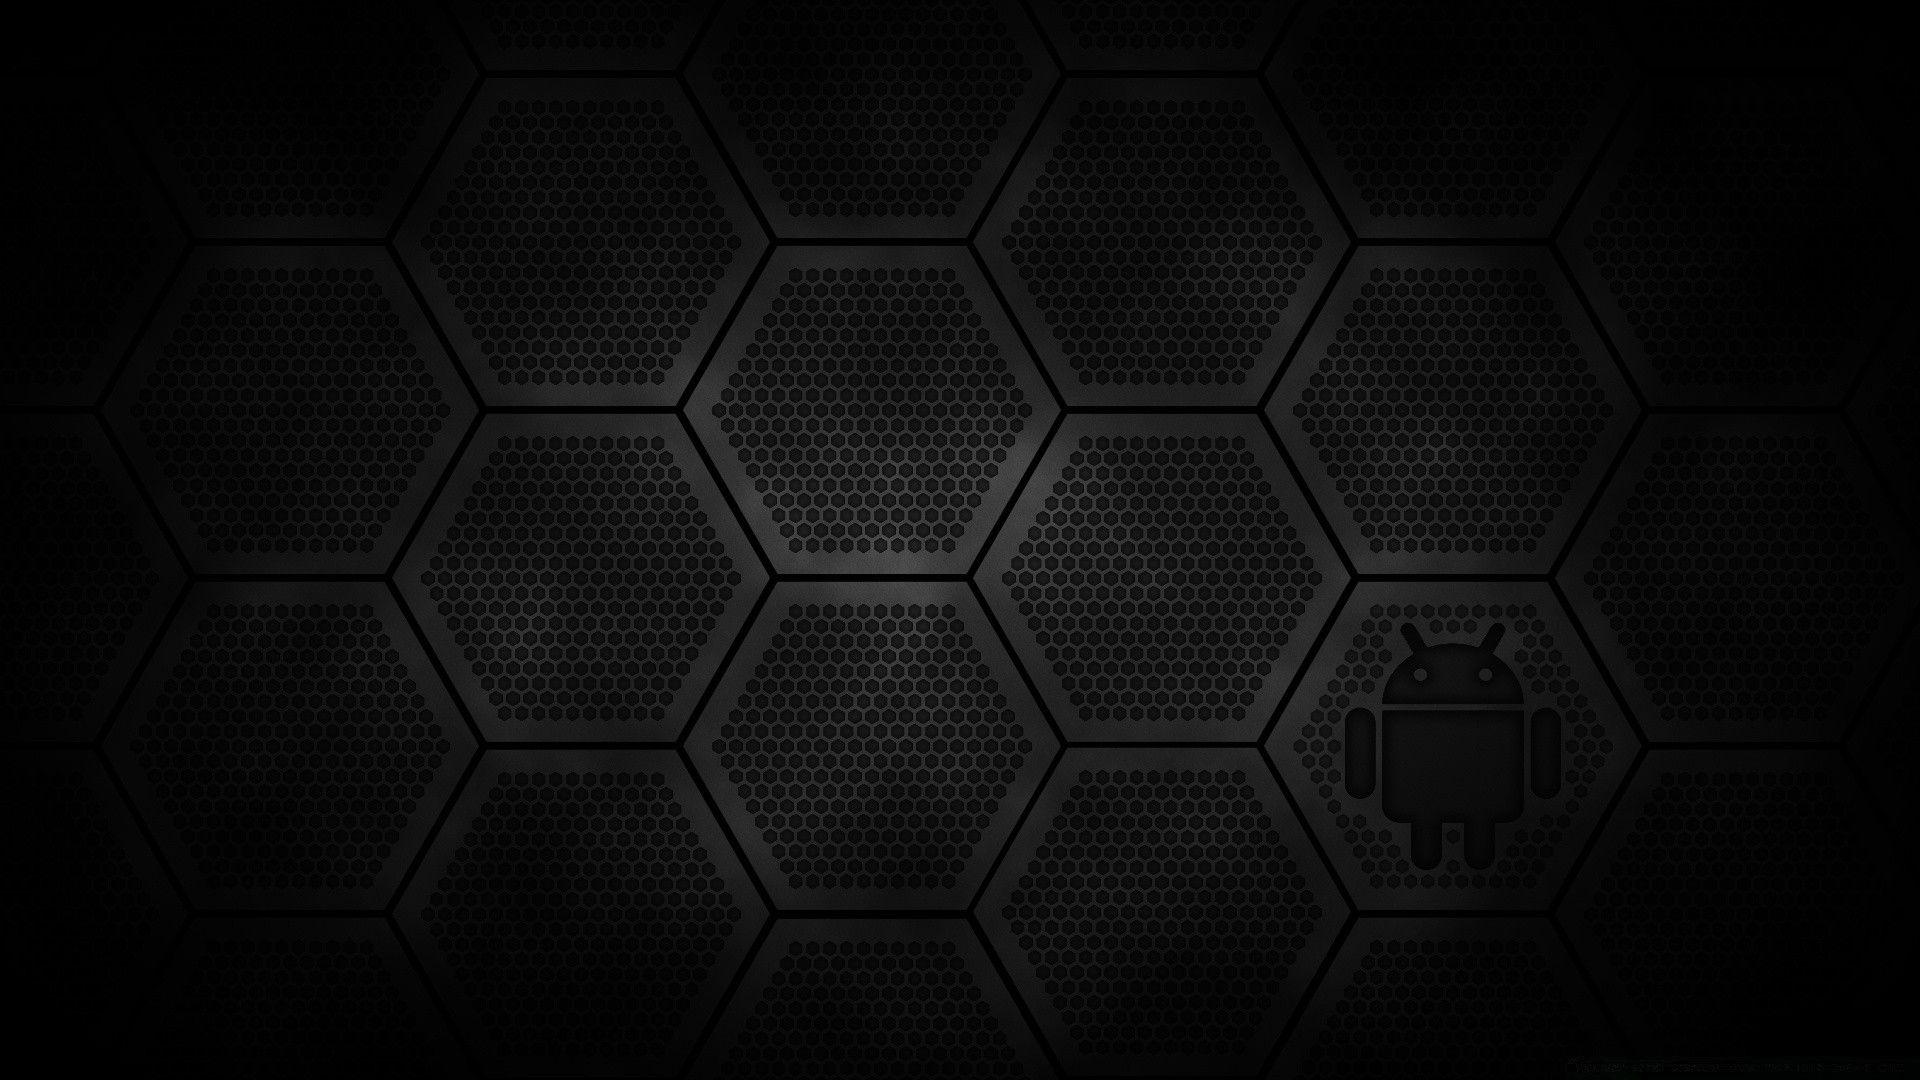 Hexagons 1920x1080